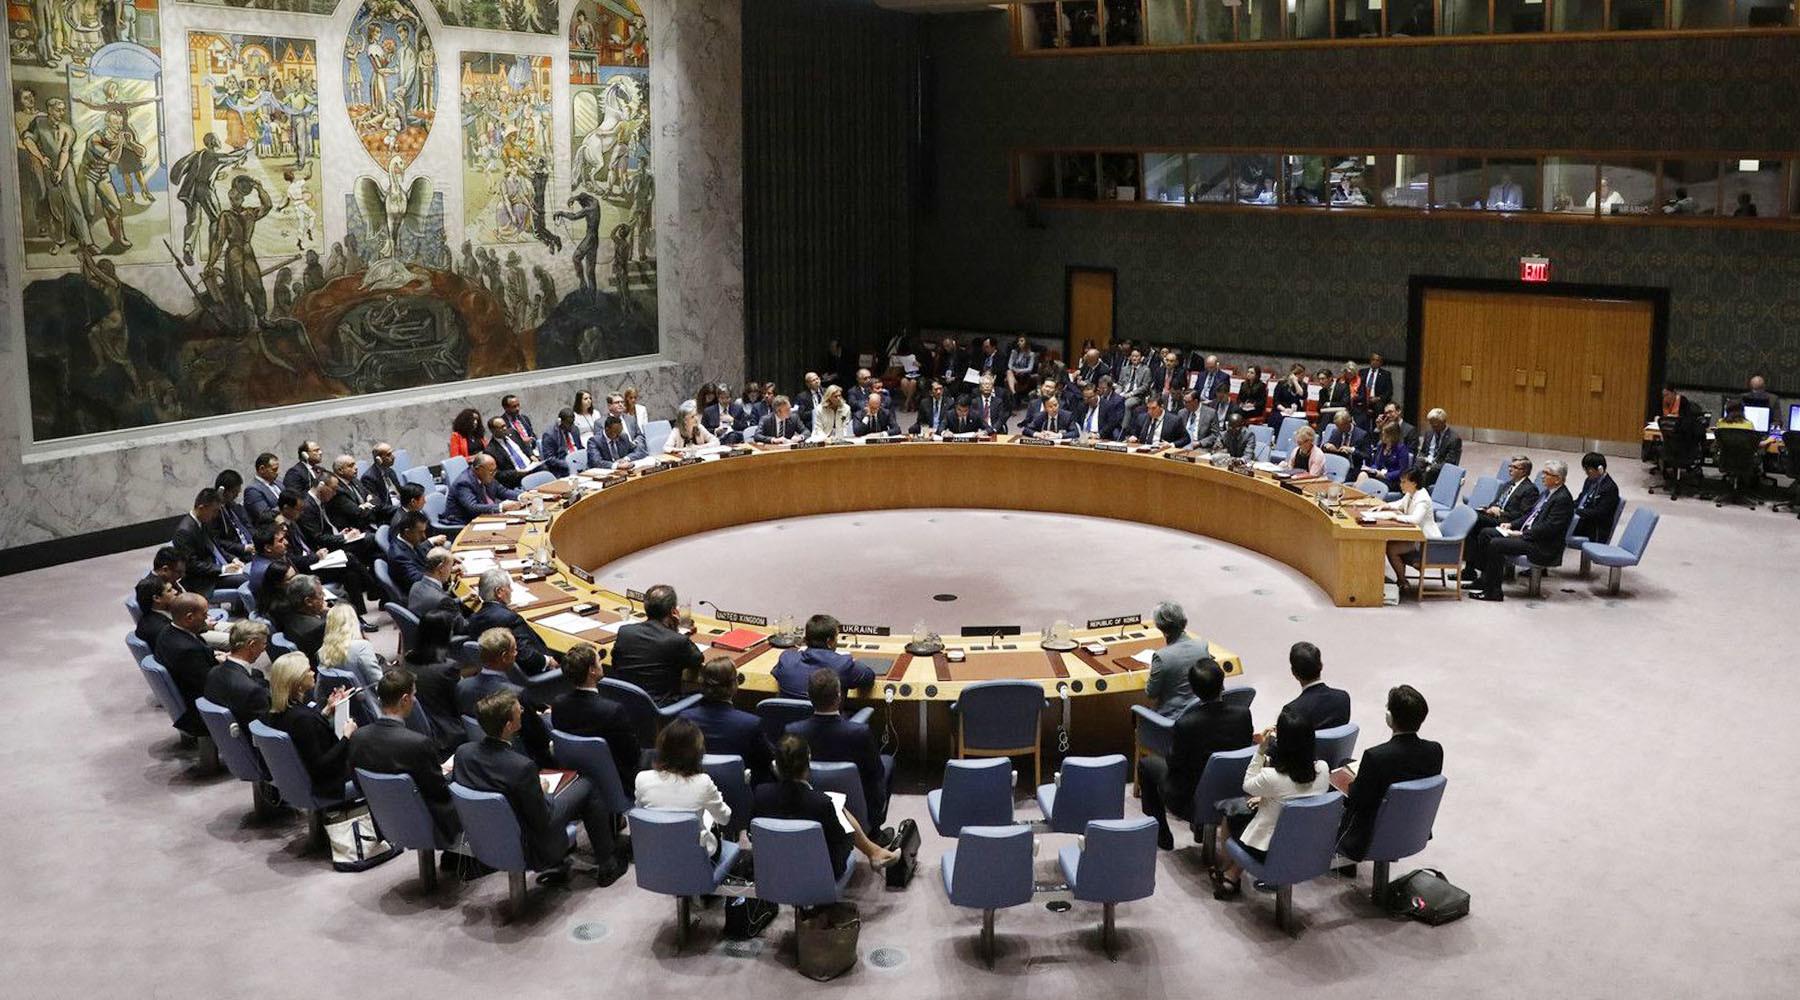 США заблокировали заявление СБ ООН по обстрелу посольства России в Сирии